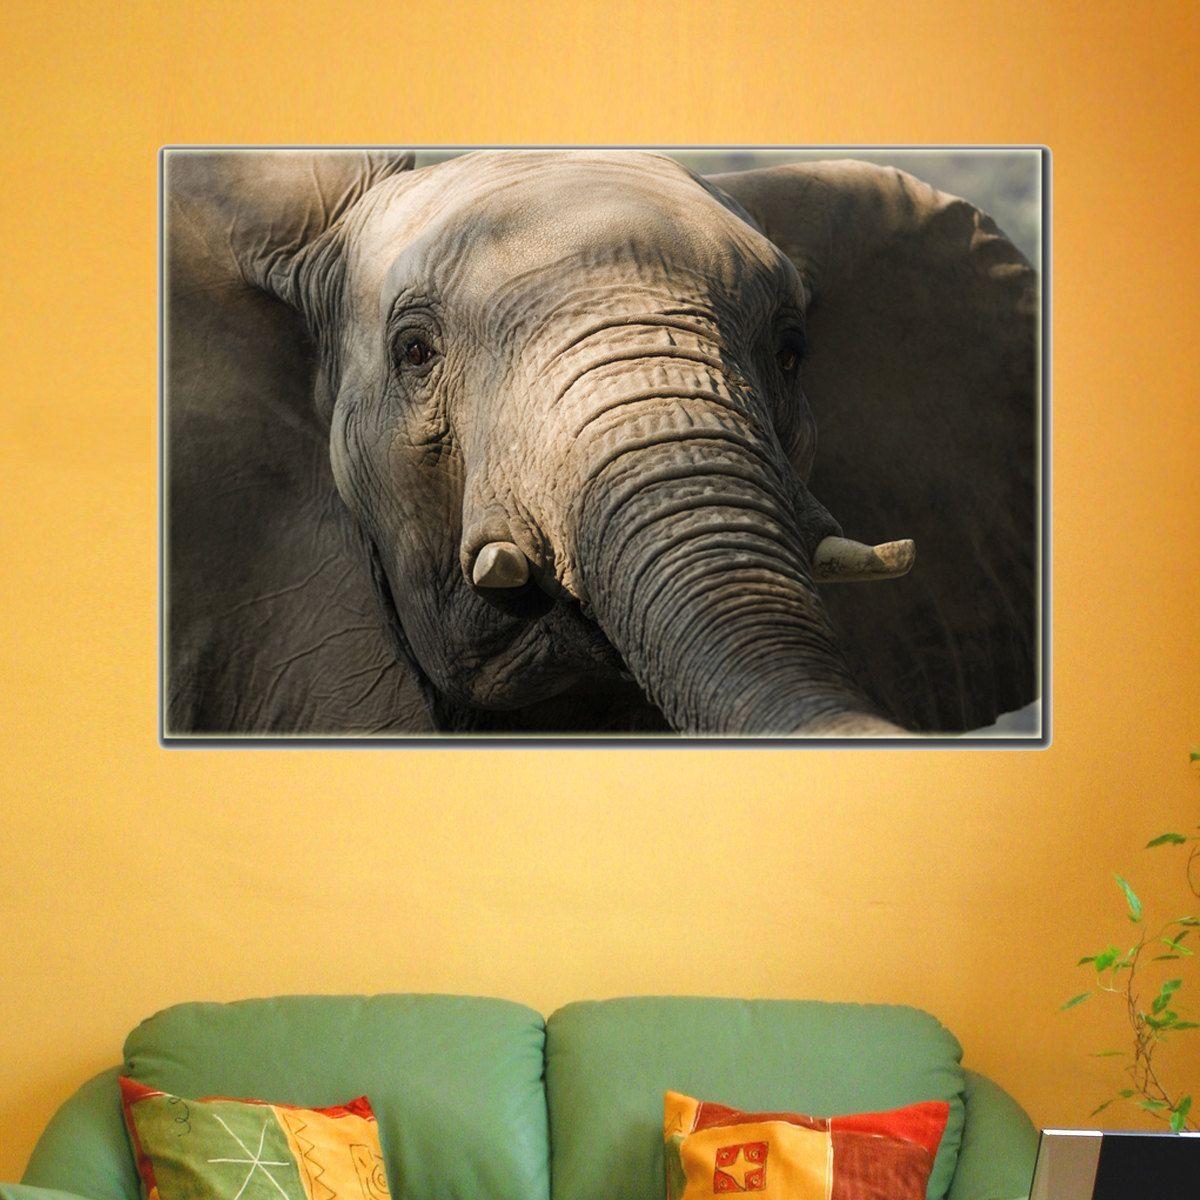 Canvas Prints - African Elephant Canvas Print - Elephant Wall Art ...